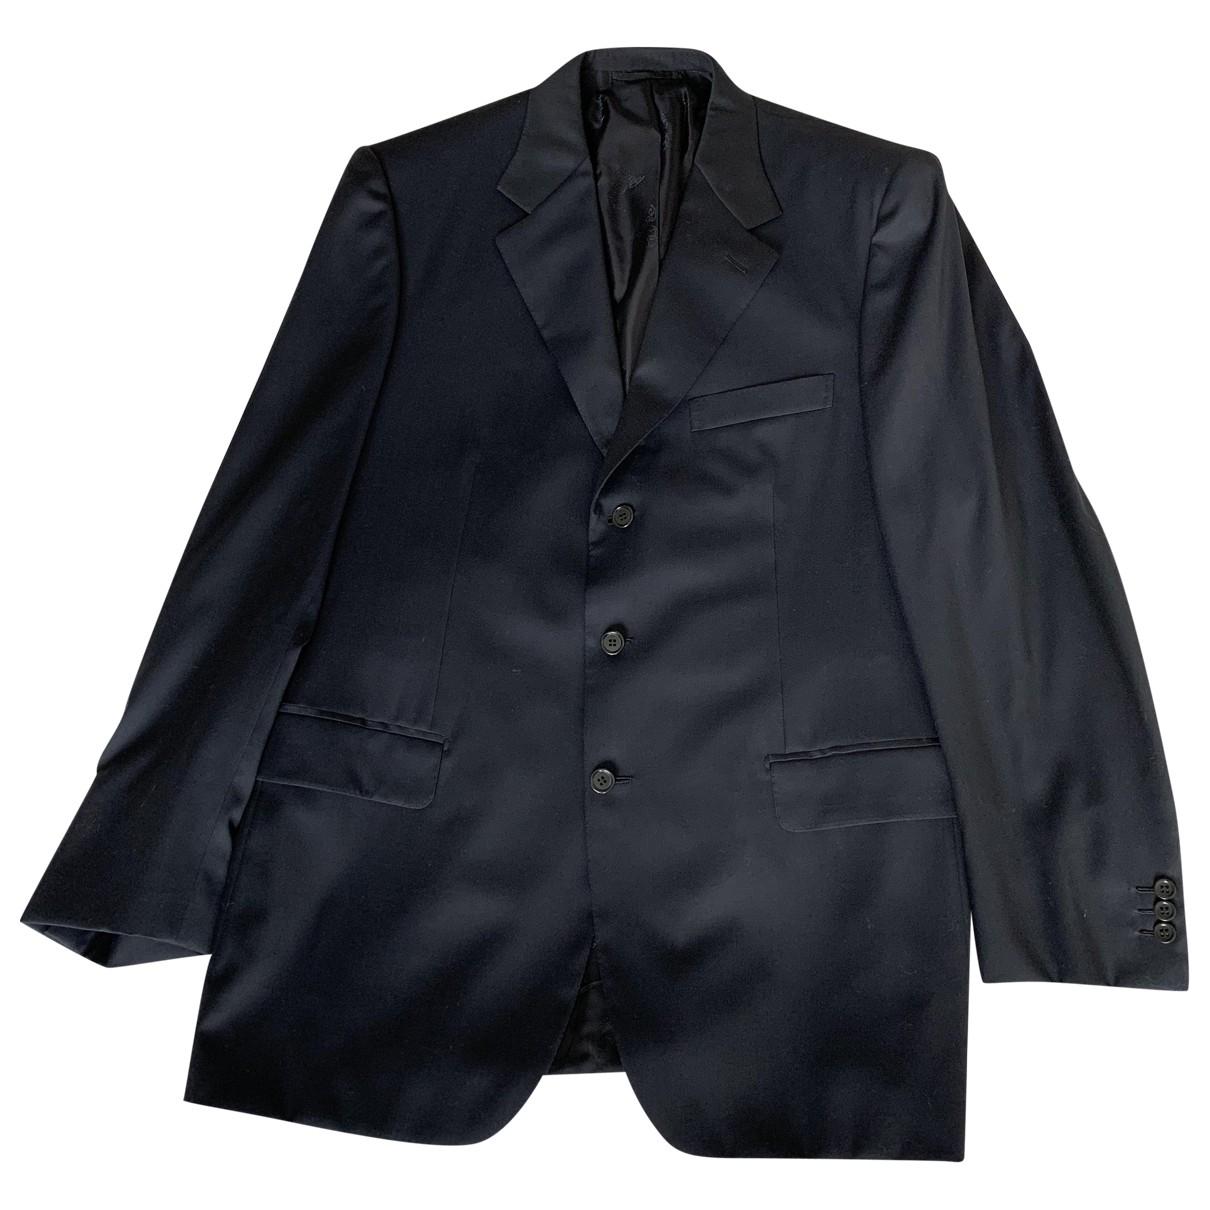 Brioni - Costumes   pour homme en laine - noir